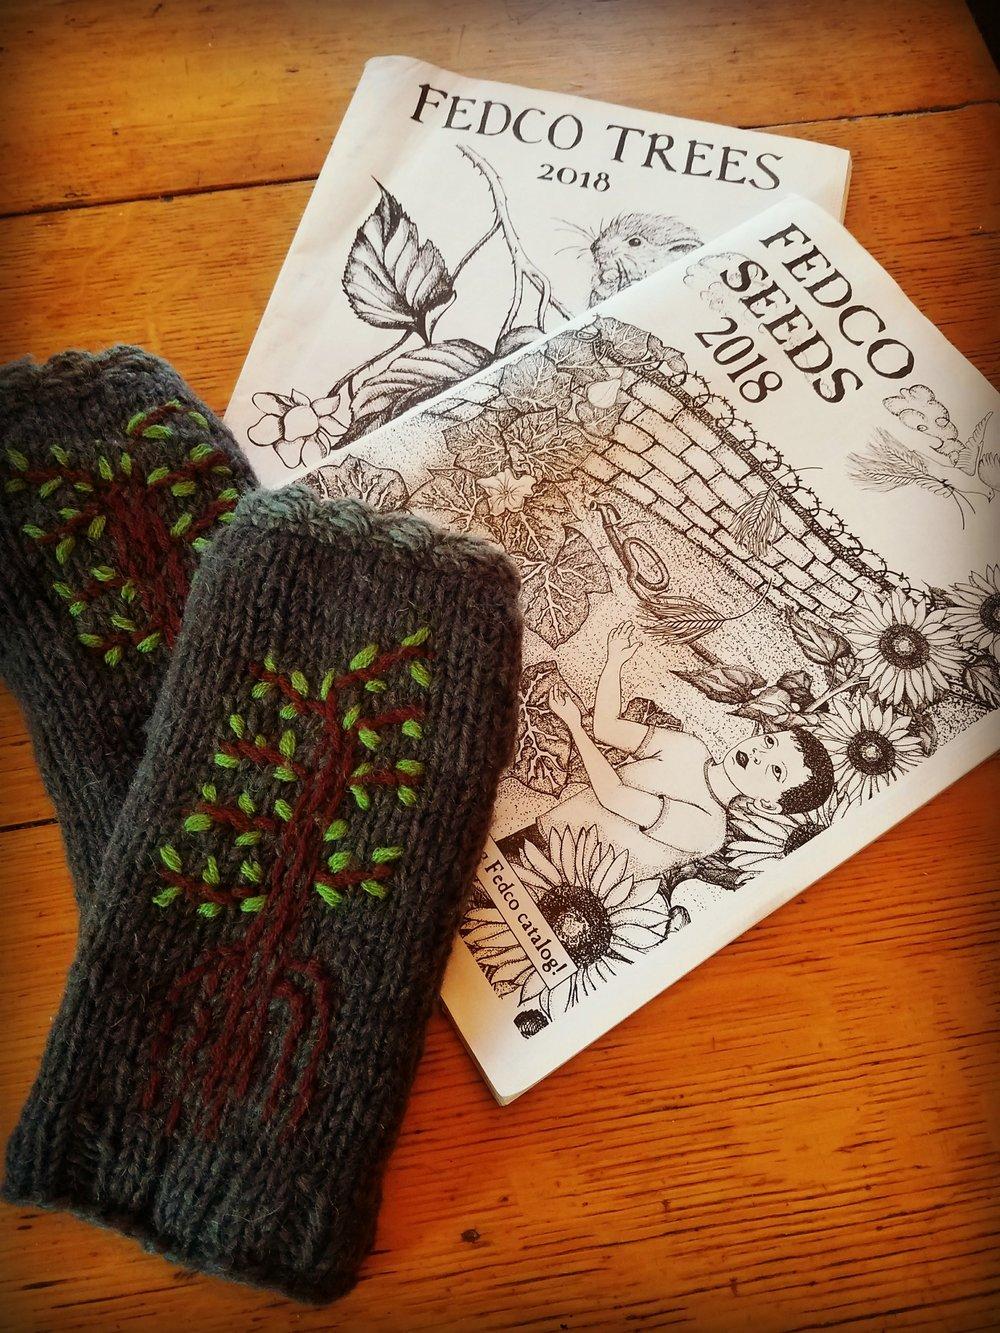 fedco seed books pic.jpg